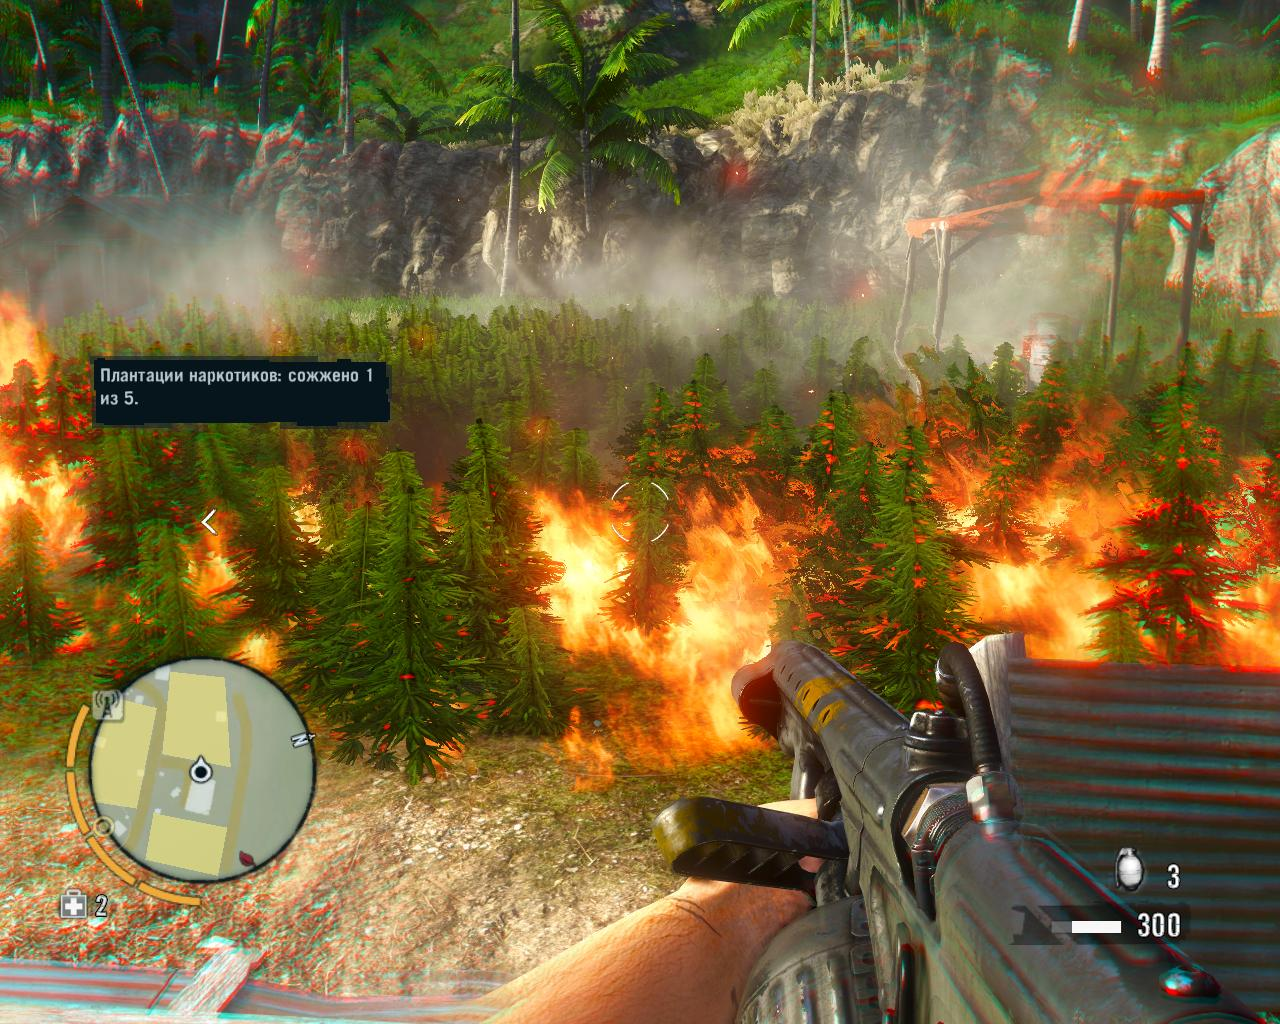 Смотреть как играют в far cry 3 с лололошкой прохождение на русском 19 фотография